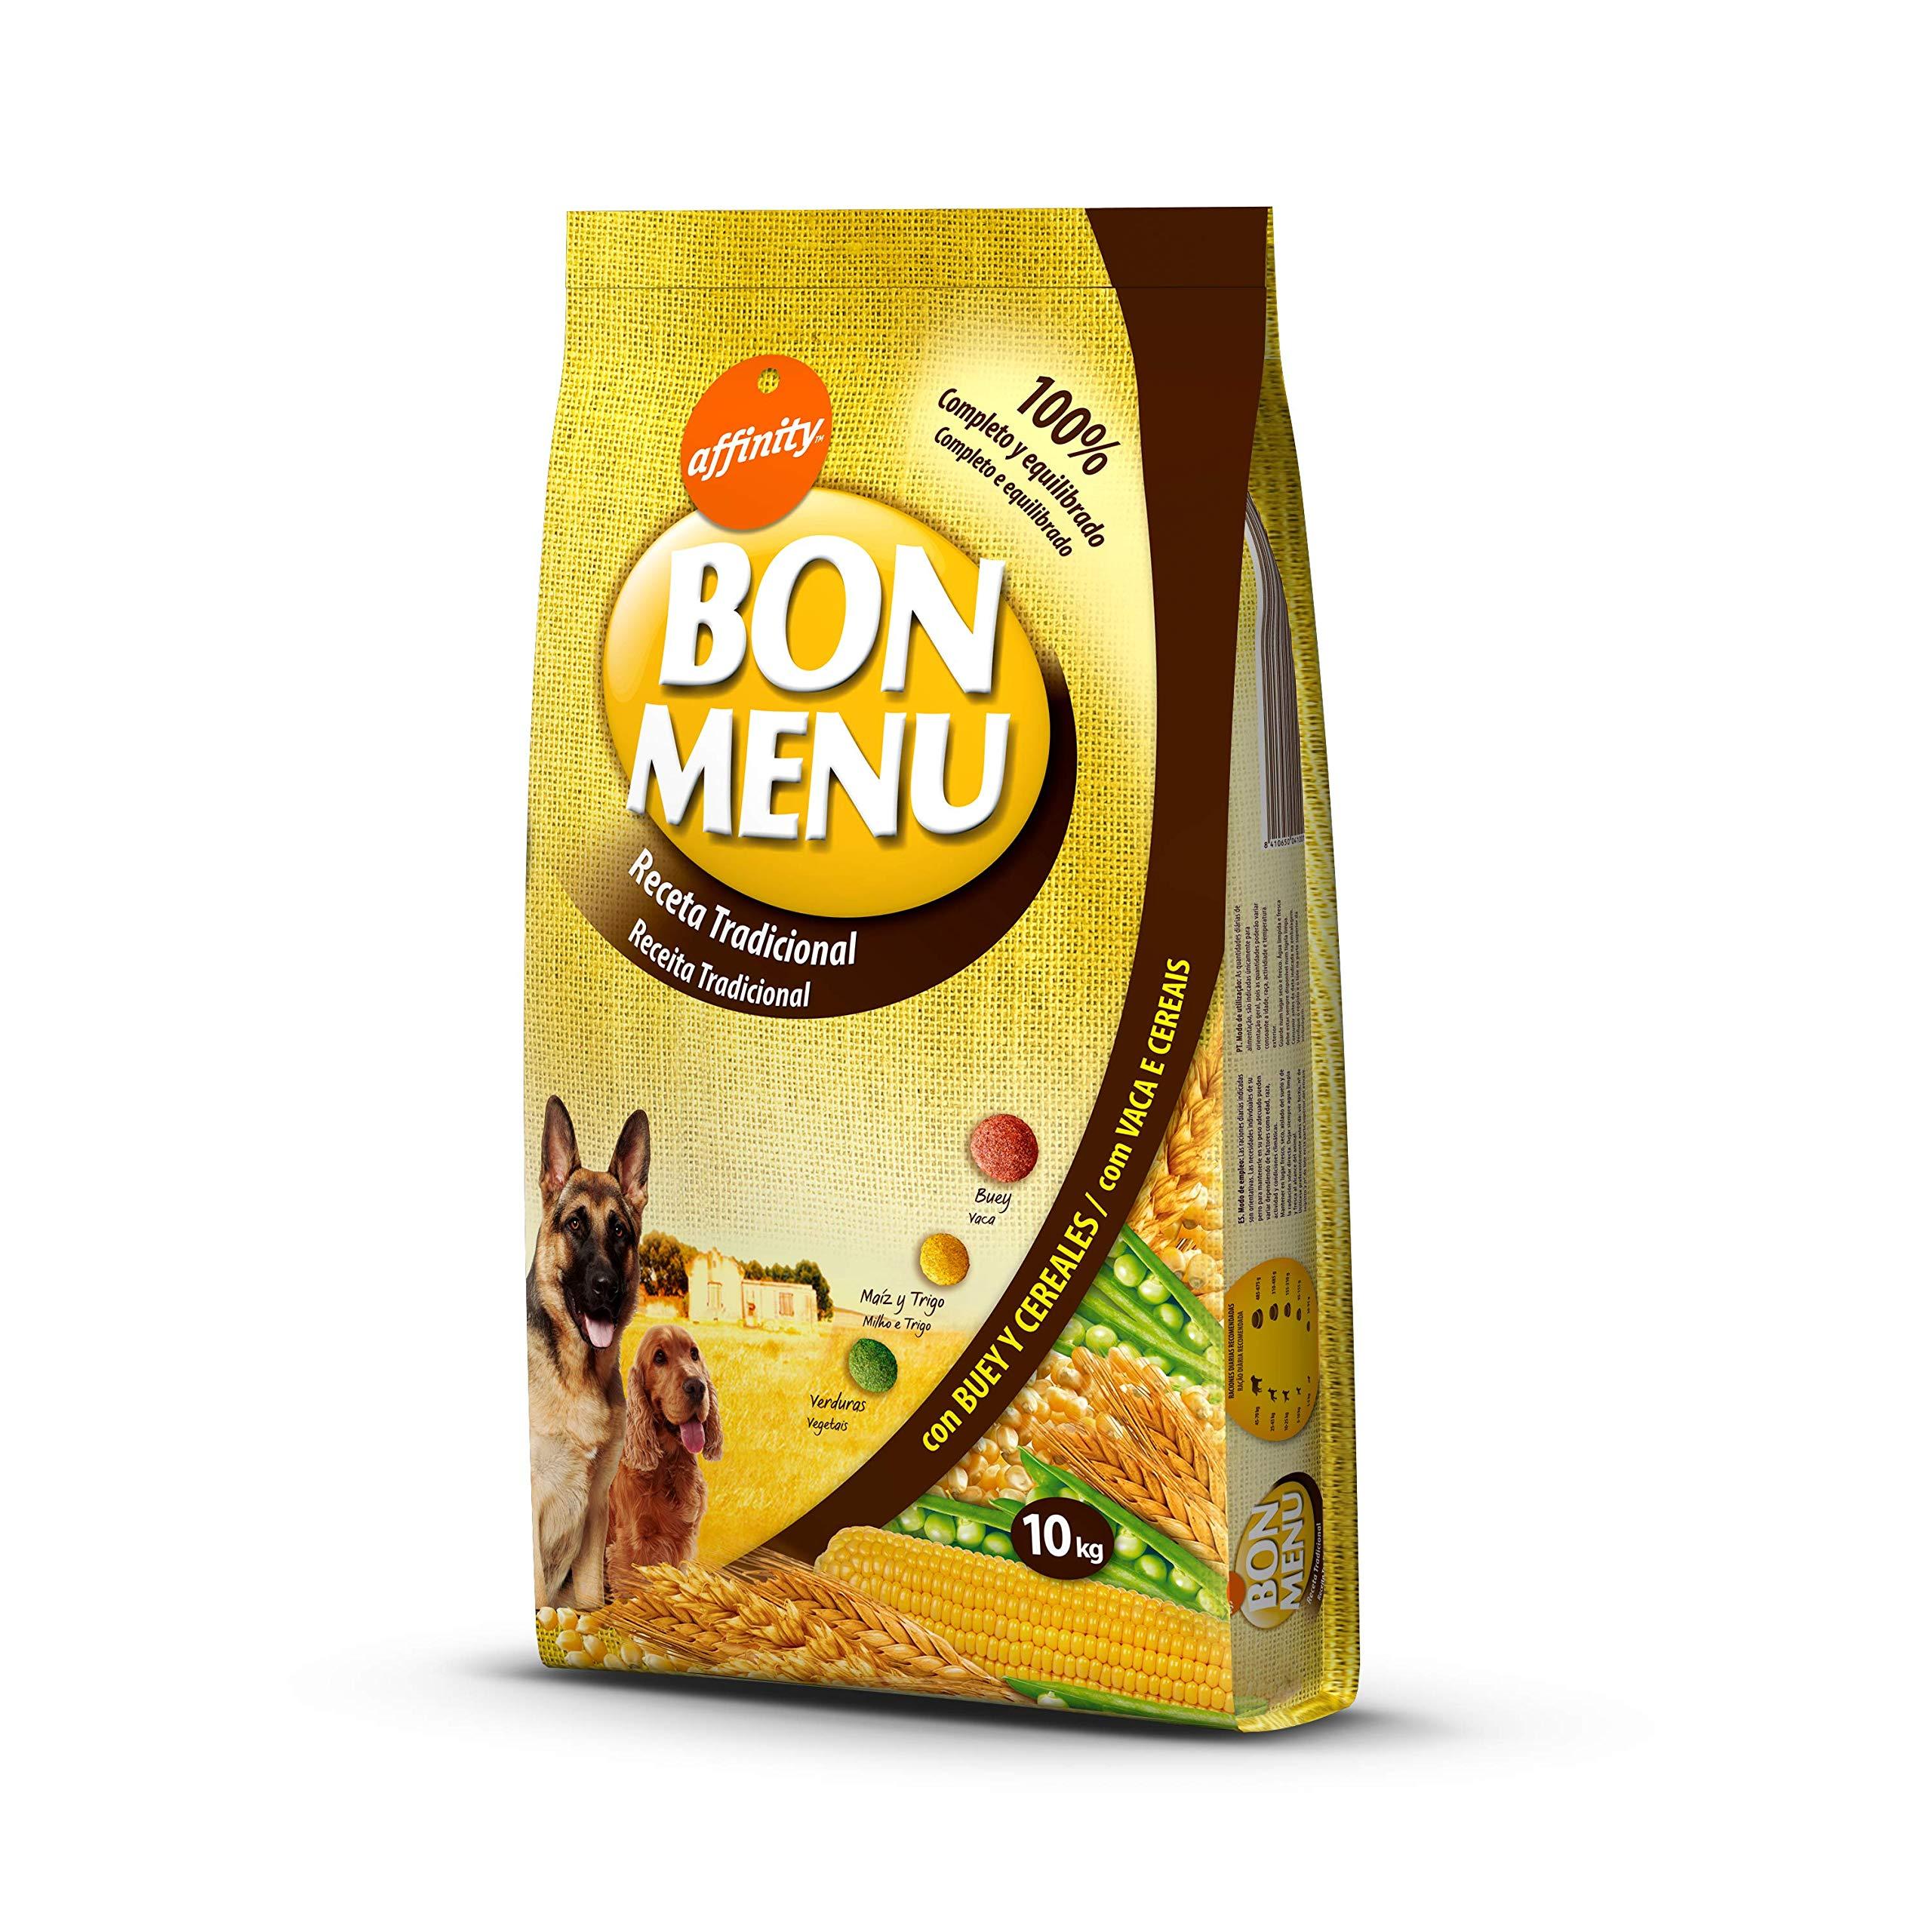 affinity Bon Menu - Receta Tradicional - Comida para Perros - 10 Kg: Amazon.es: Productos para mascotas